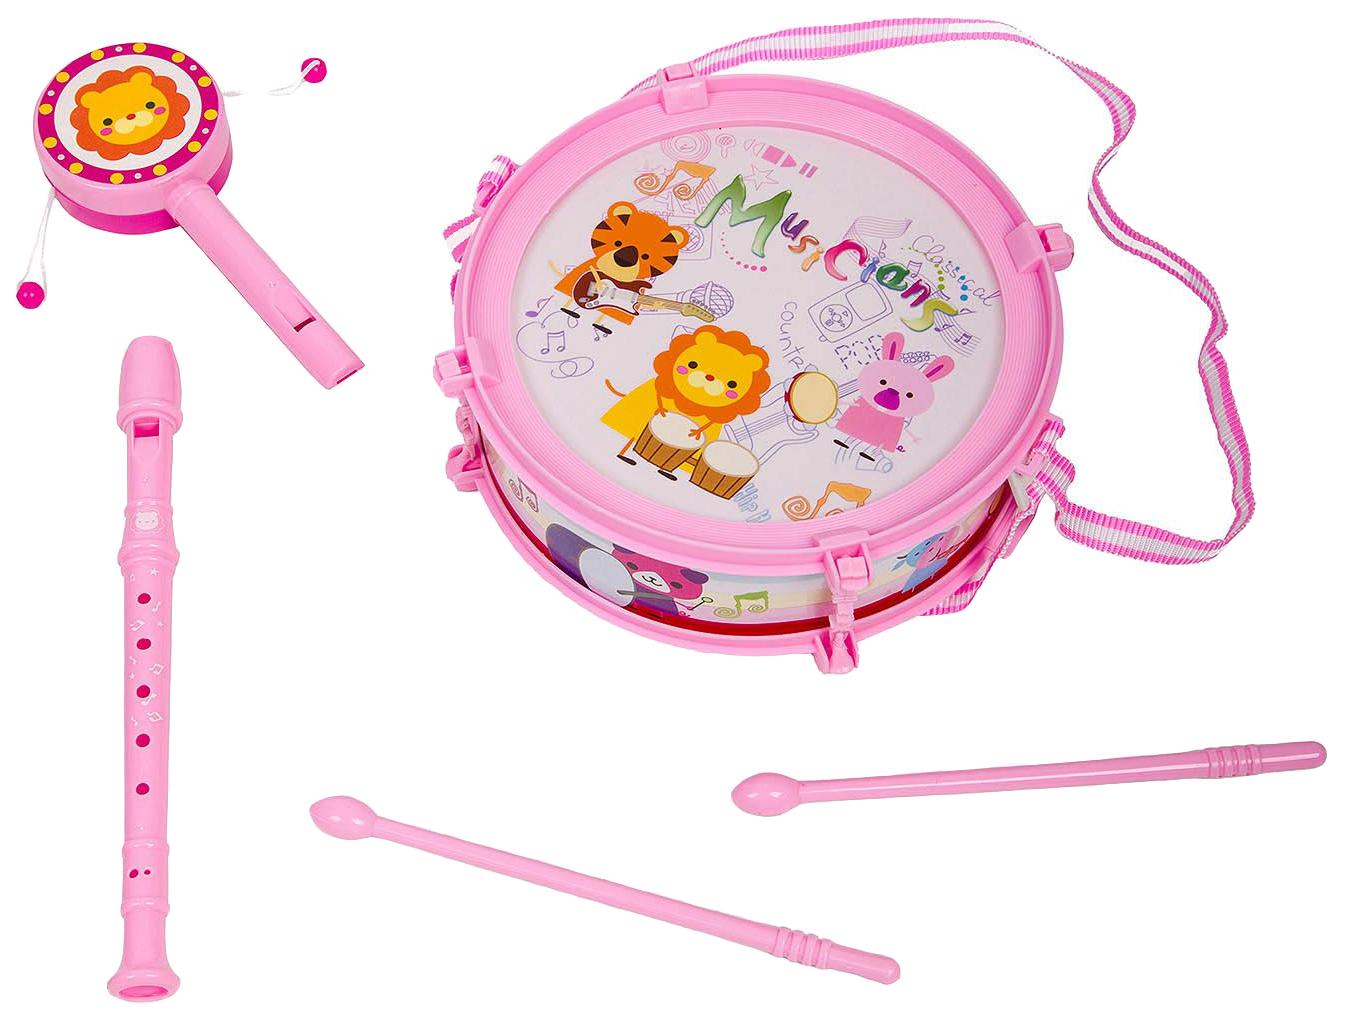 Купить Набор музык. инструментов 5 предметов, серия Моей малышке, PAC 24х26 см, арт.M7663-2., Yako Toys, Детские музыкальные инструменты